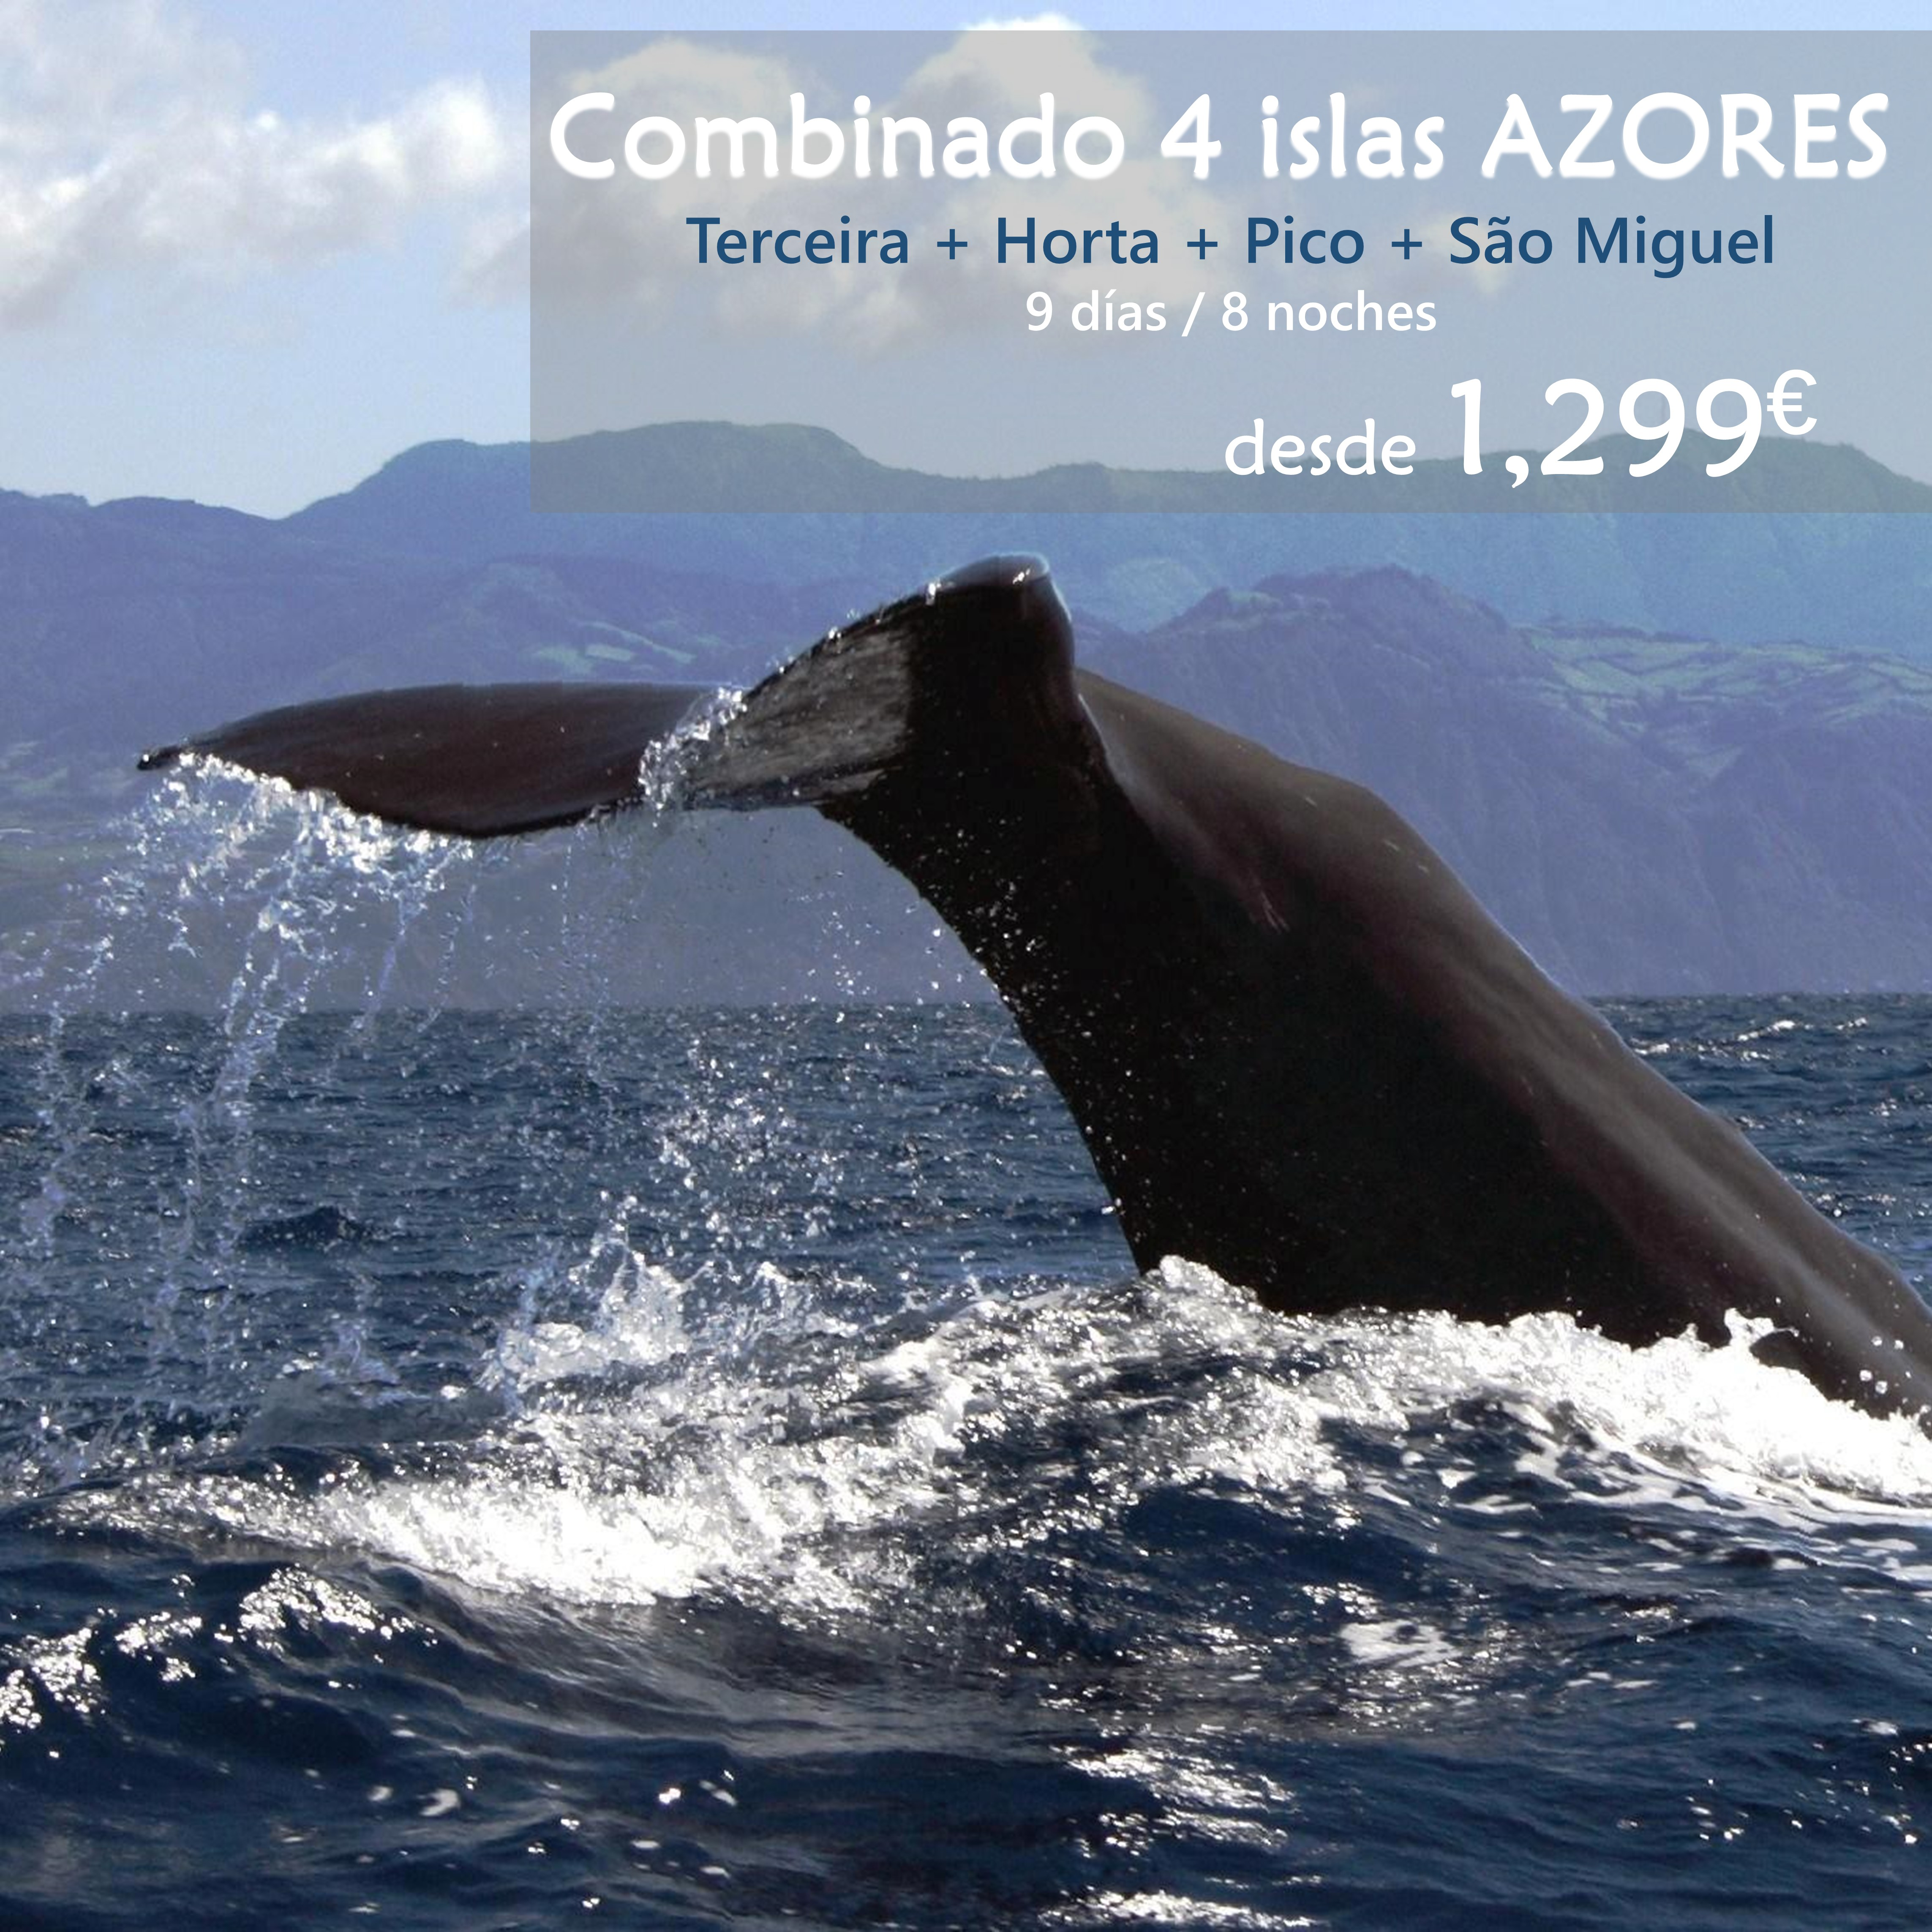 Combinado 4 islas Azores